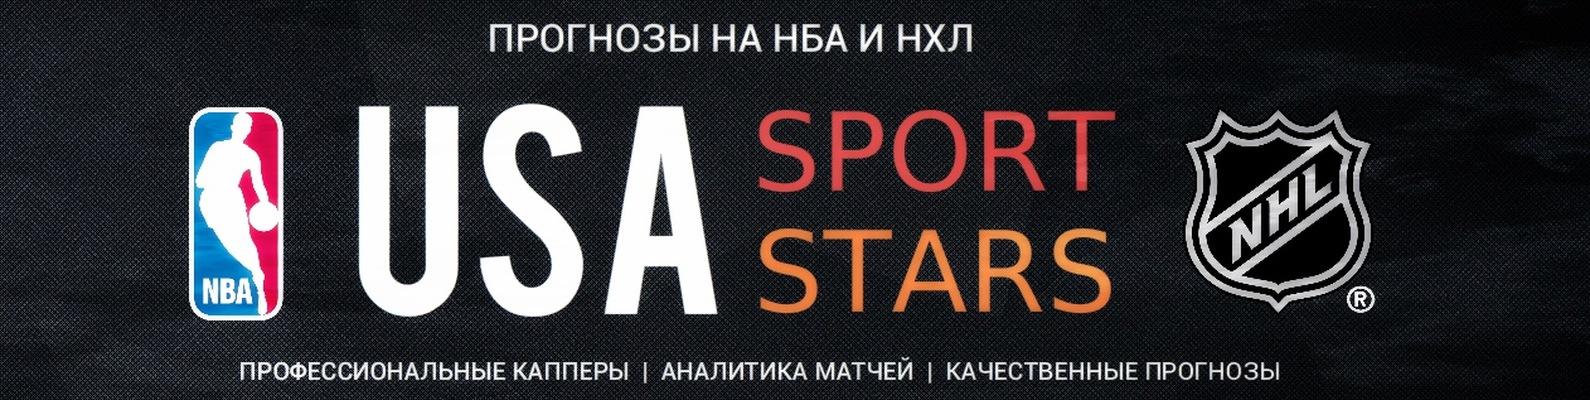 Прогнозы от звезд на спорт